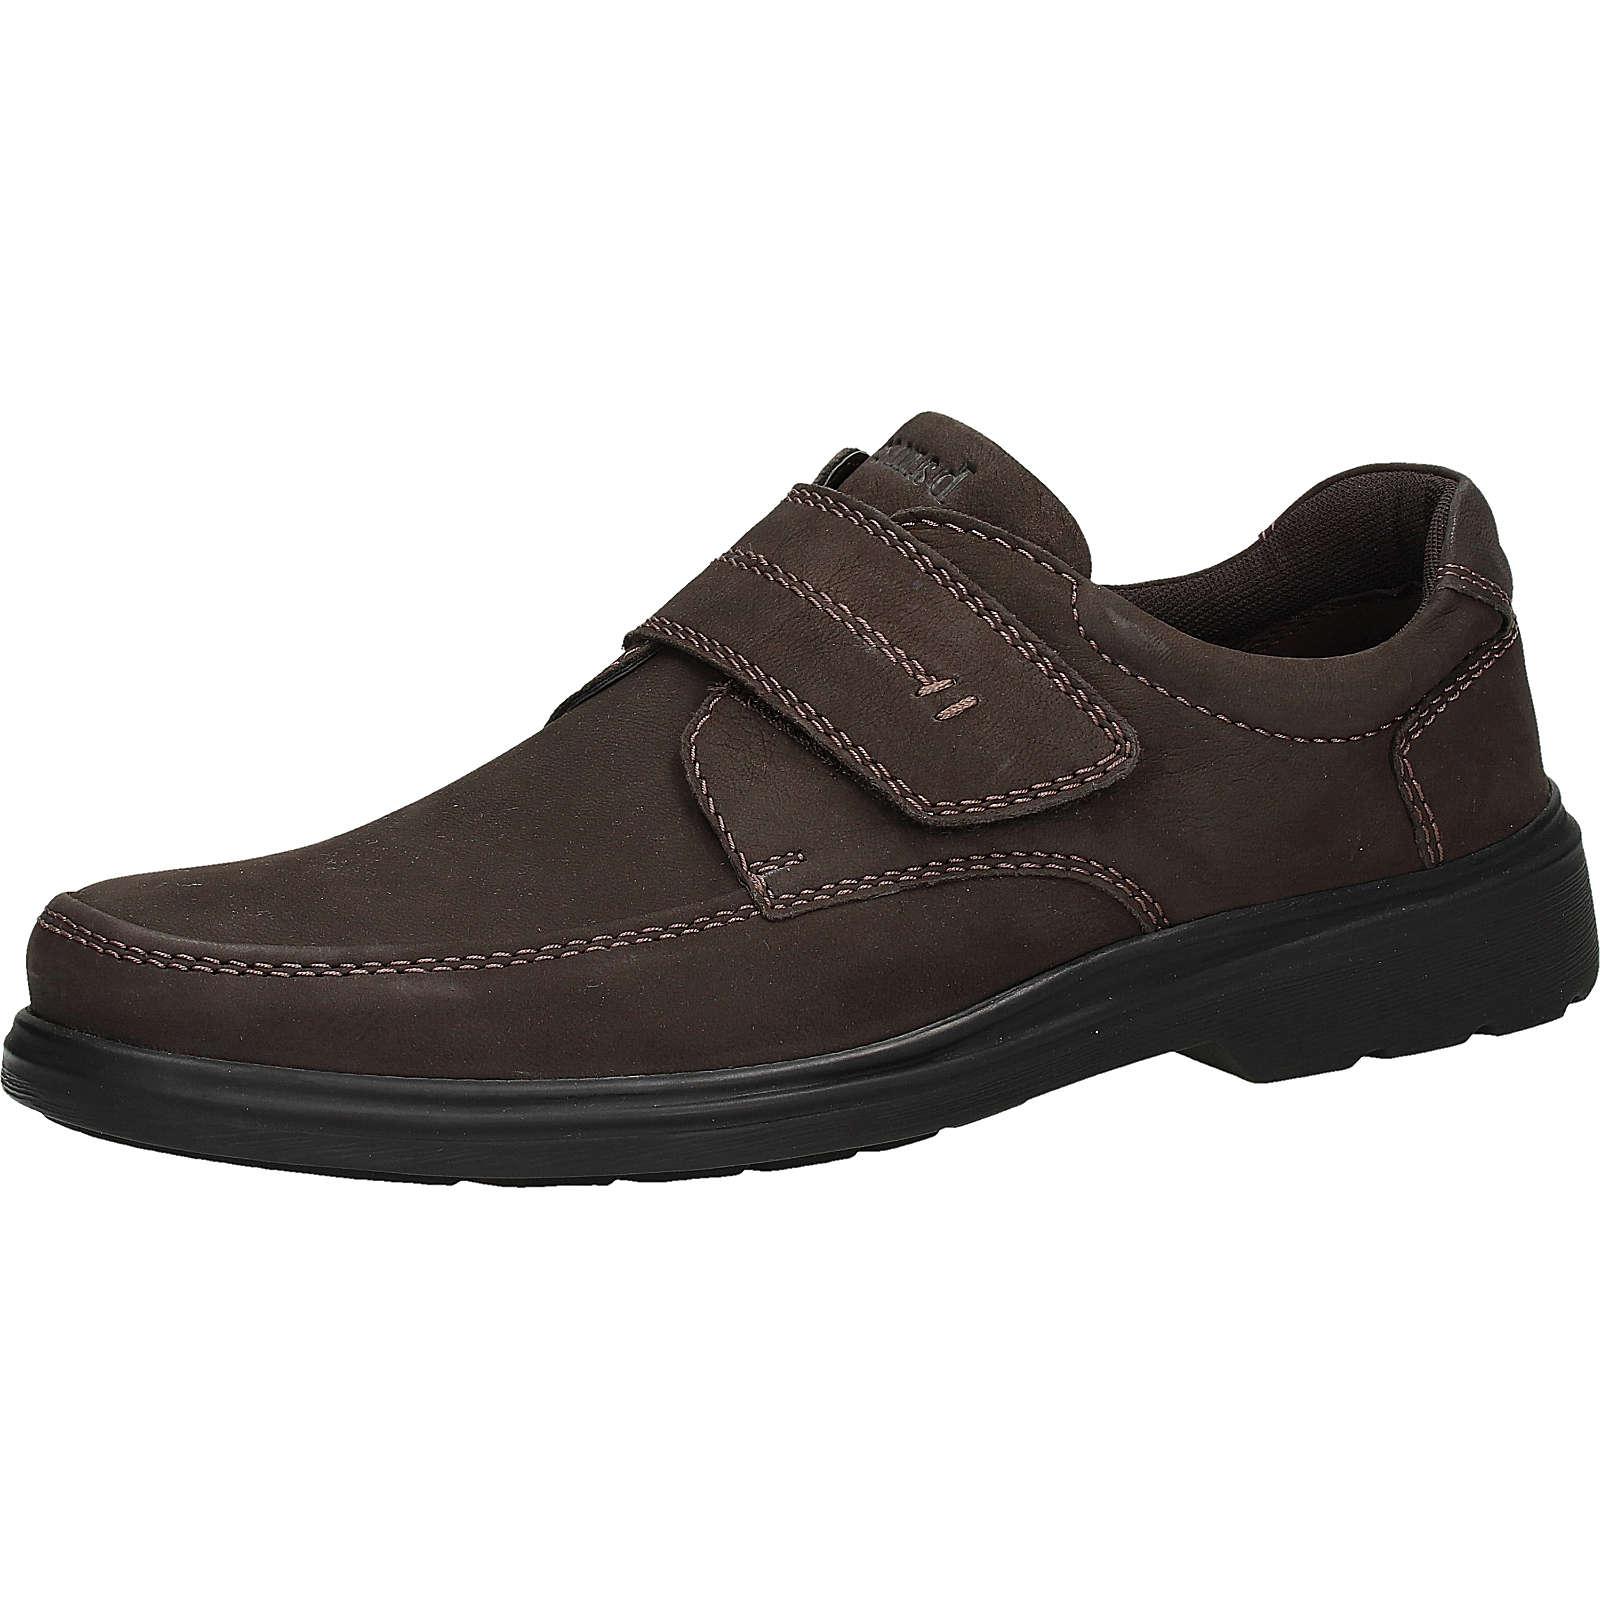 bama Halbschuhe Sneakers Low dunkelbraun Herren Gr. 41